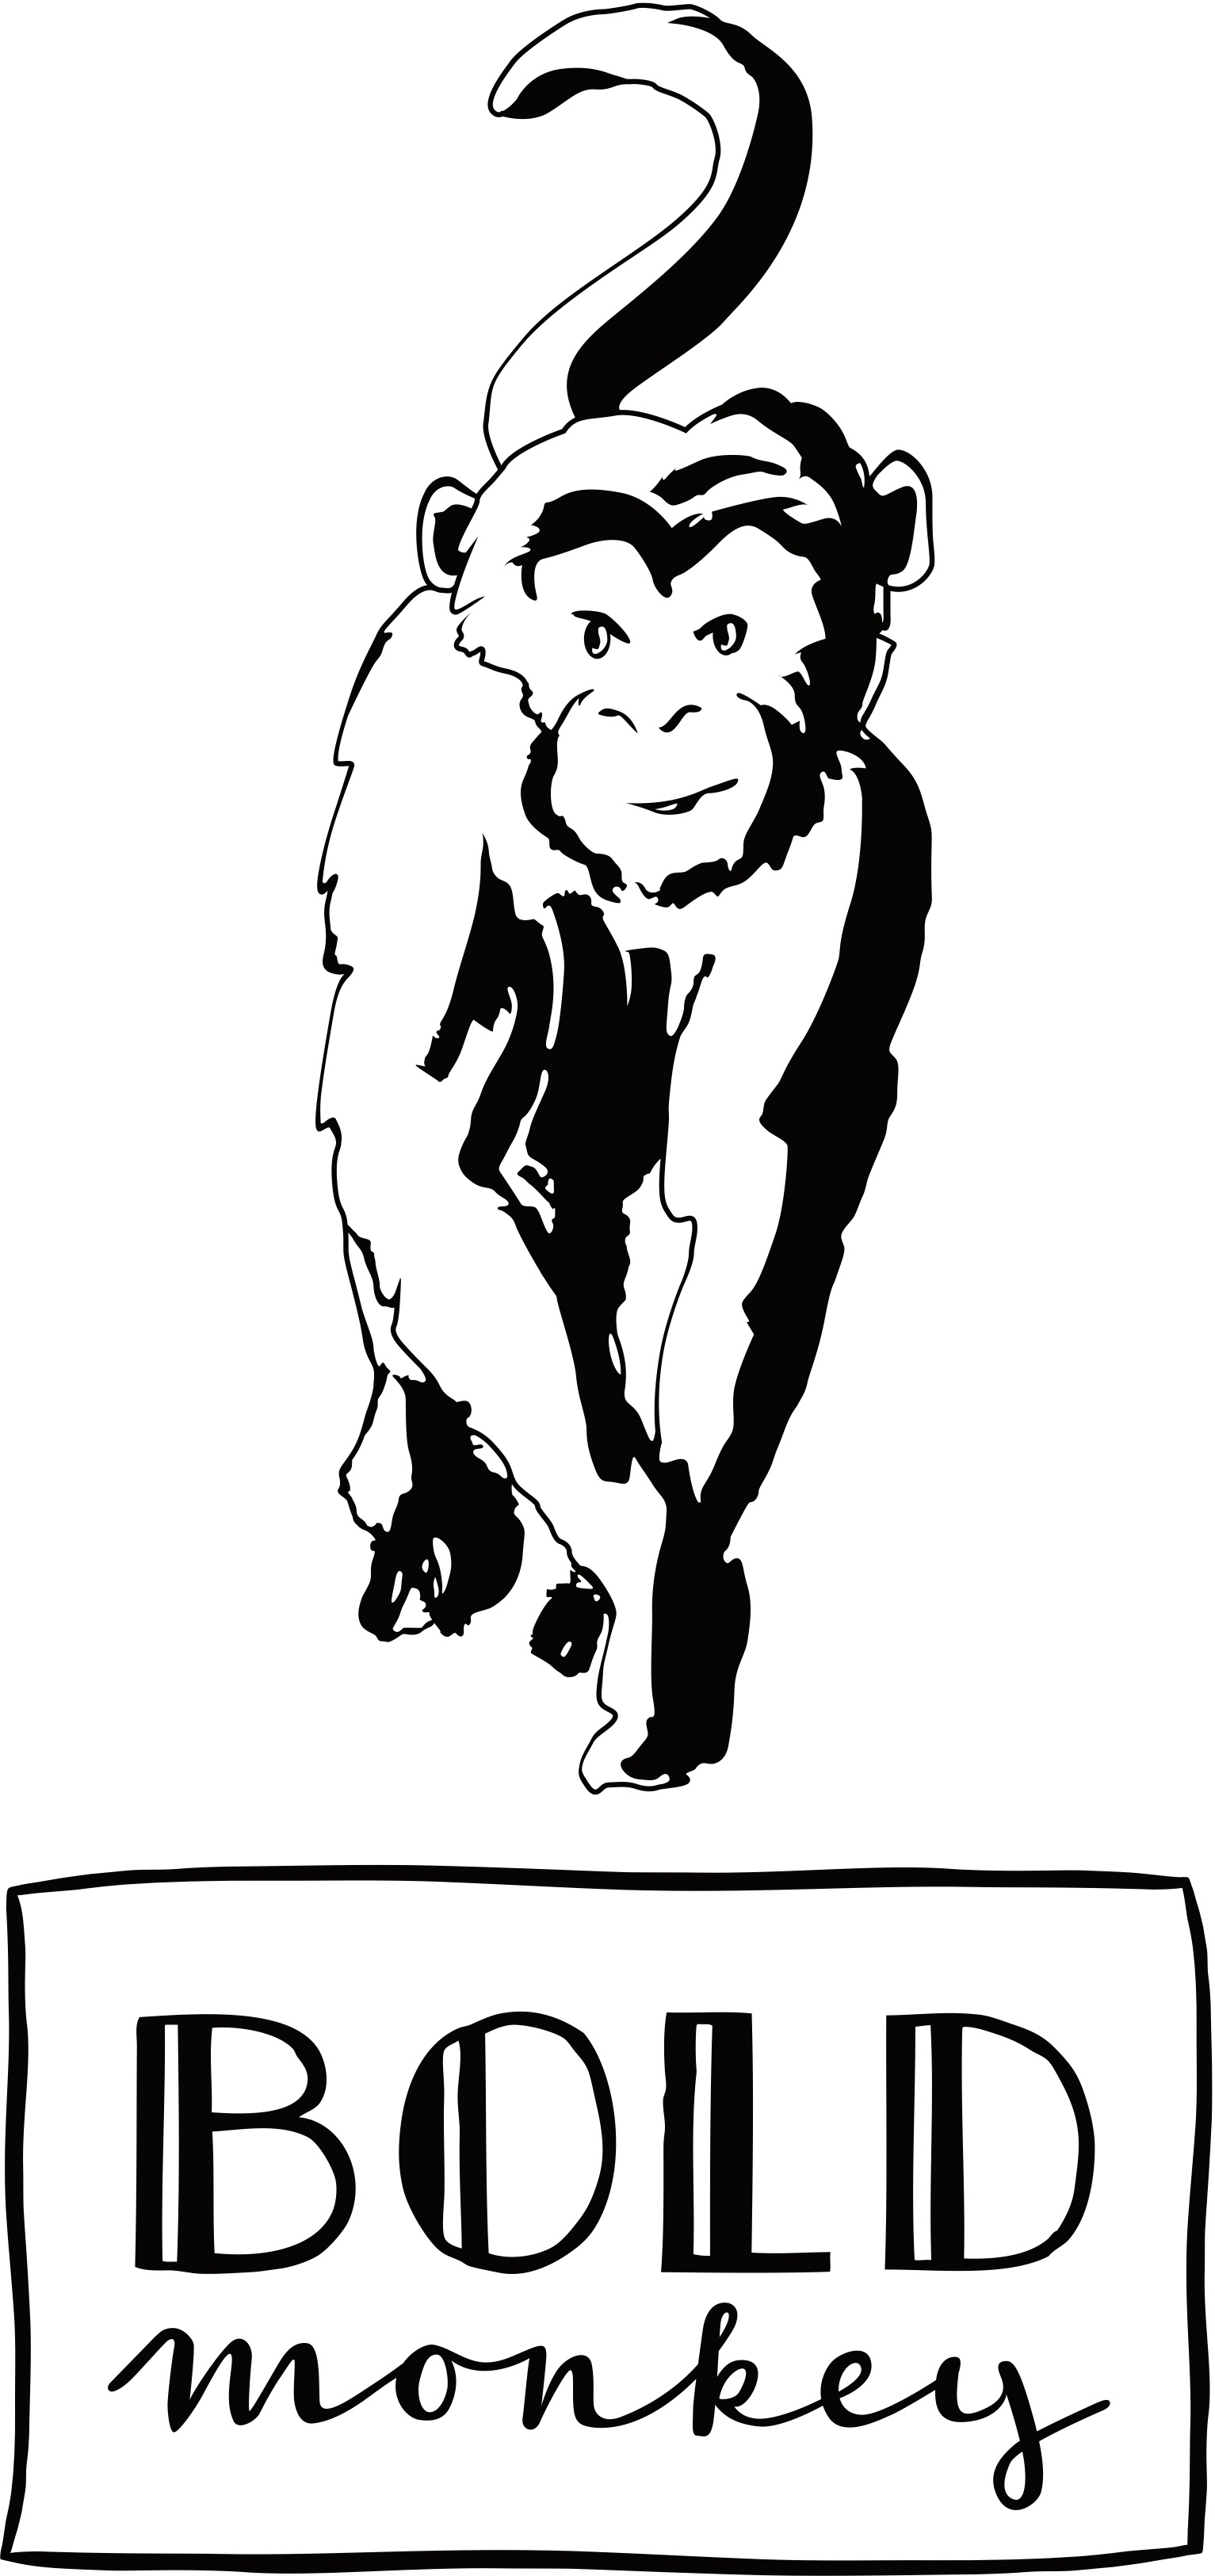 Bold Monkey princesses have feelings too armstoel fauteuil koninklijk rood zijaanzicht